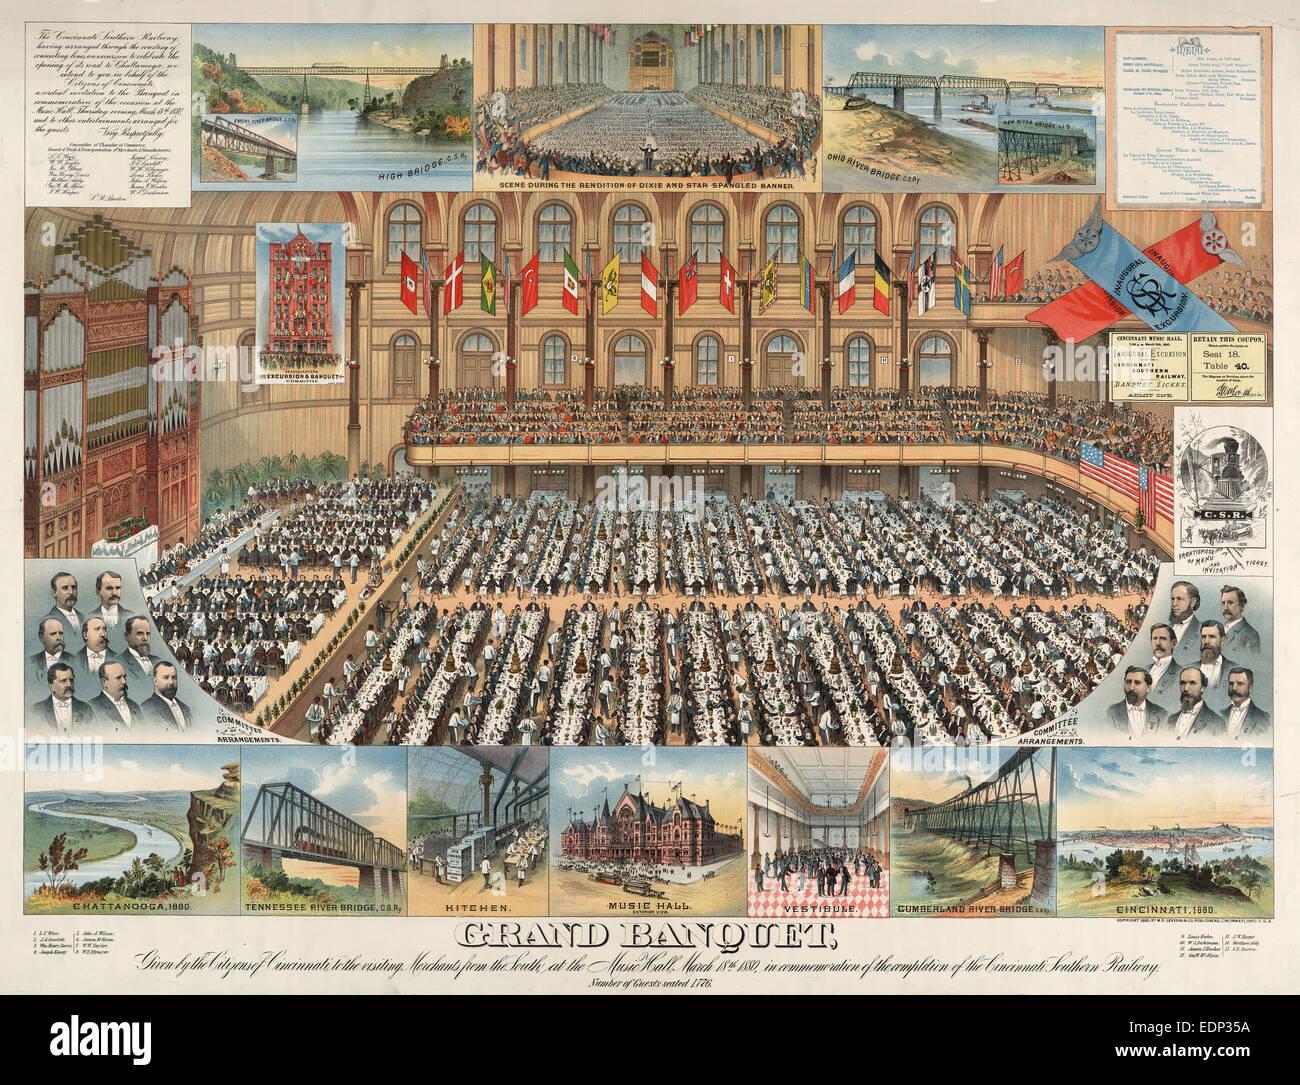 Grand banquet, donné par les citoyens de Cincinnati, à la visite de commerçants du sud, au Music Photo Stock